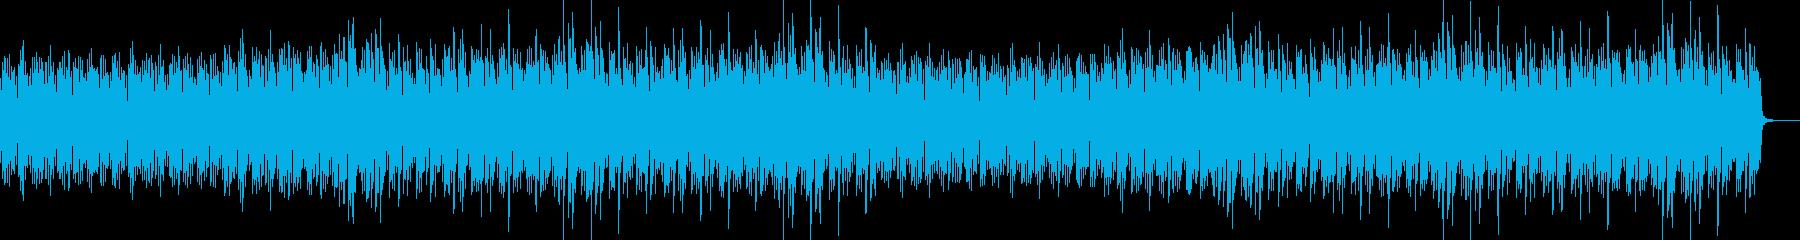 川の流れ・綺麗・流麗・ピアノソロの再生済みの波形